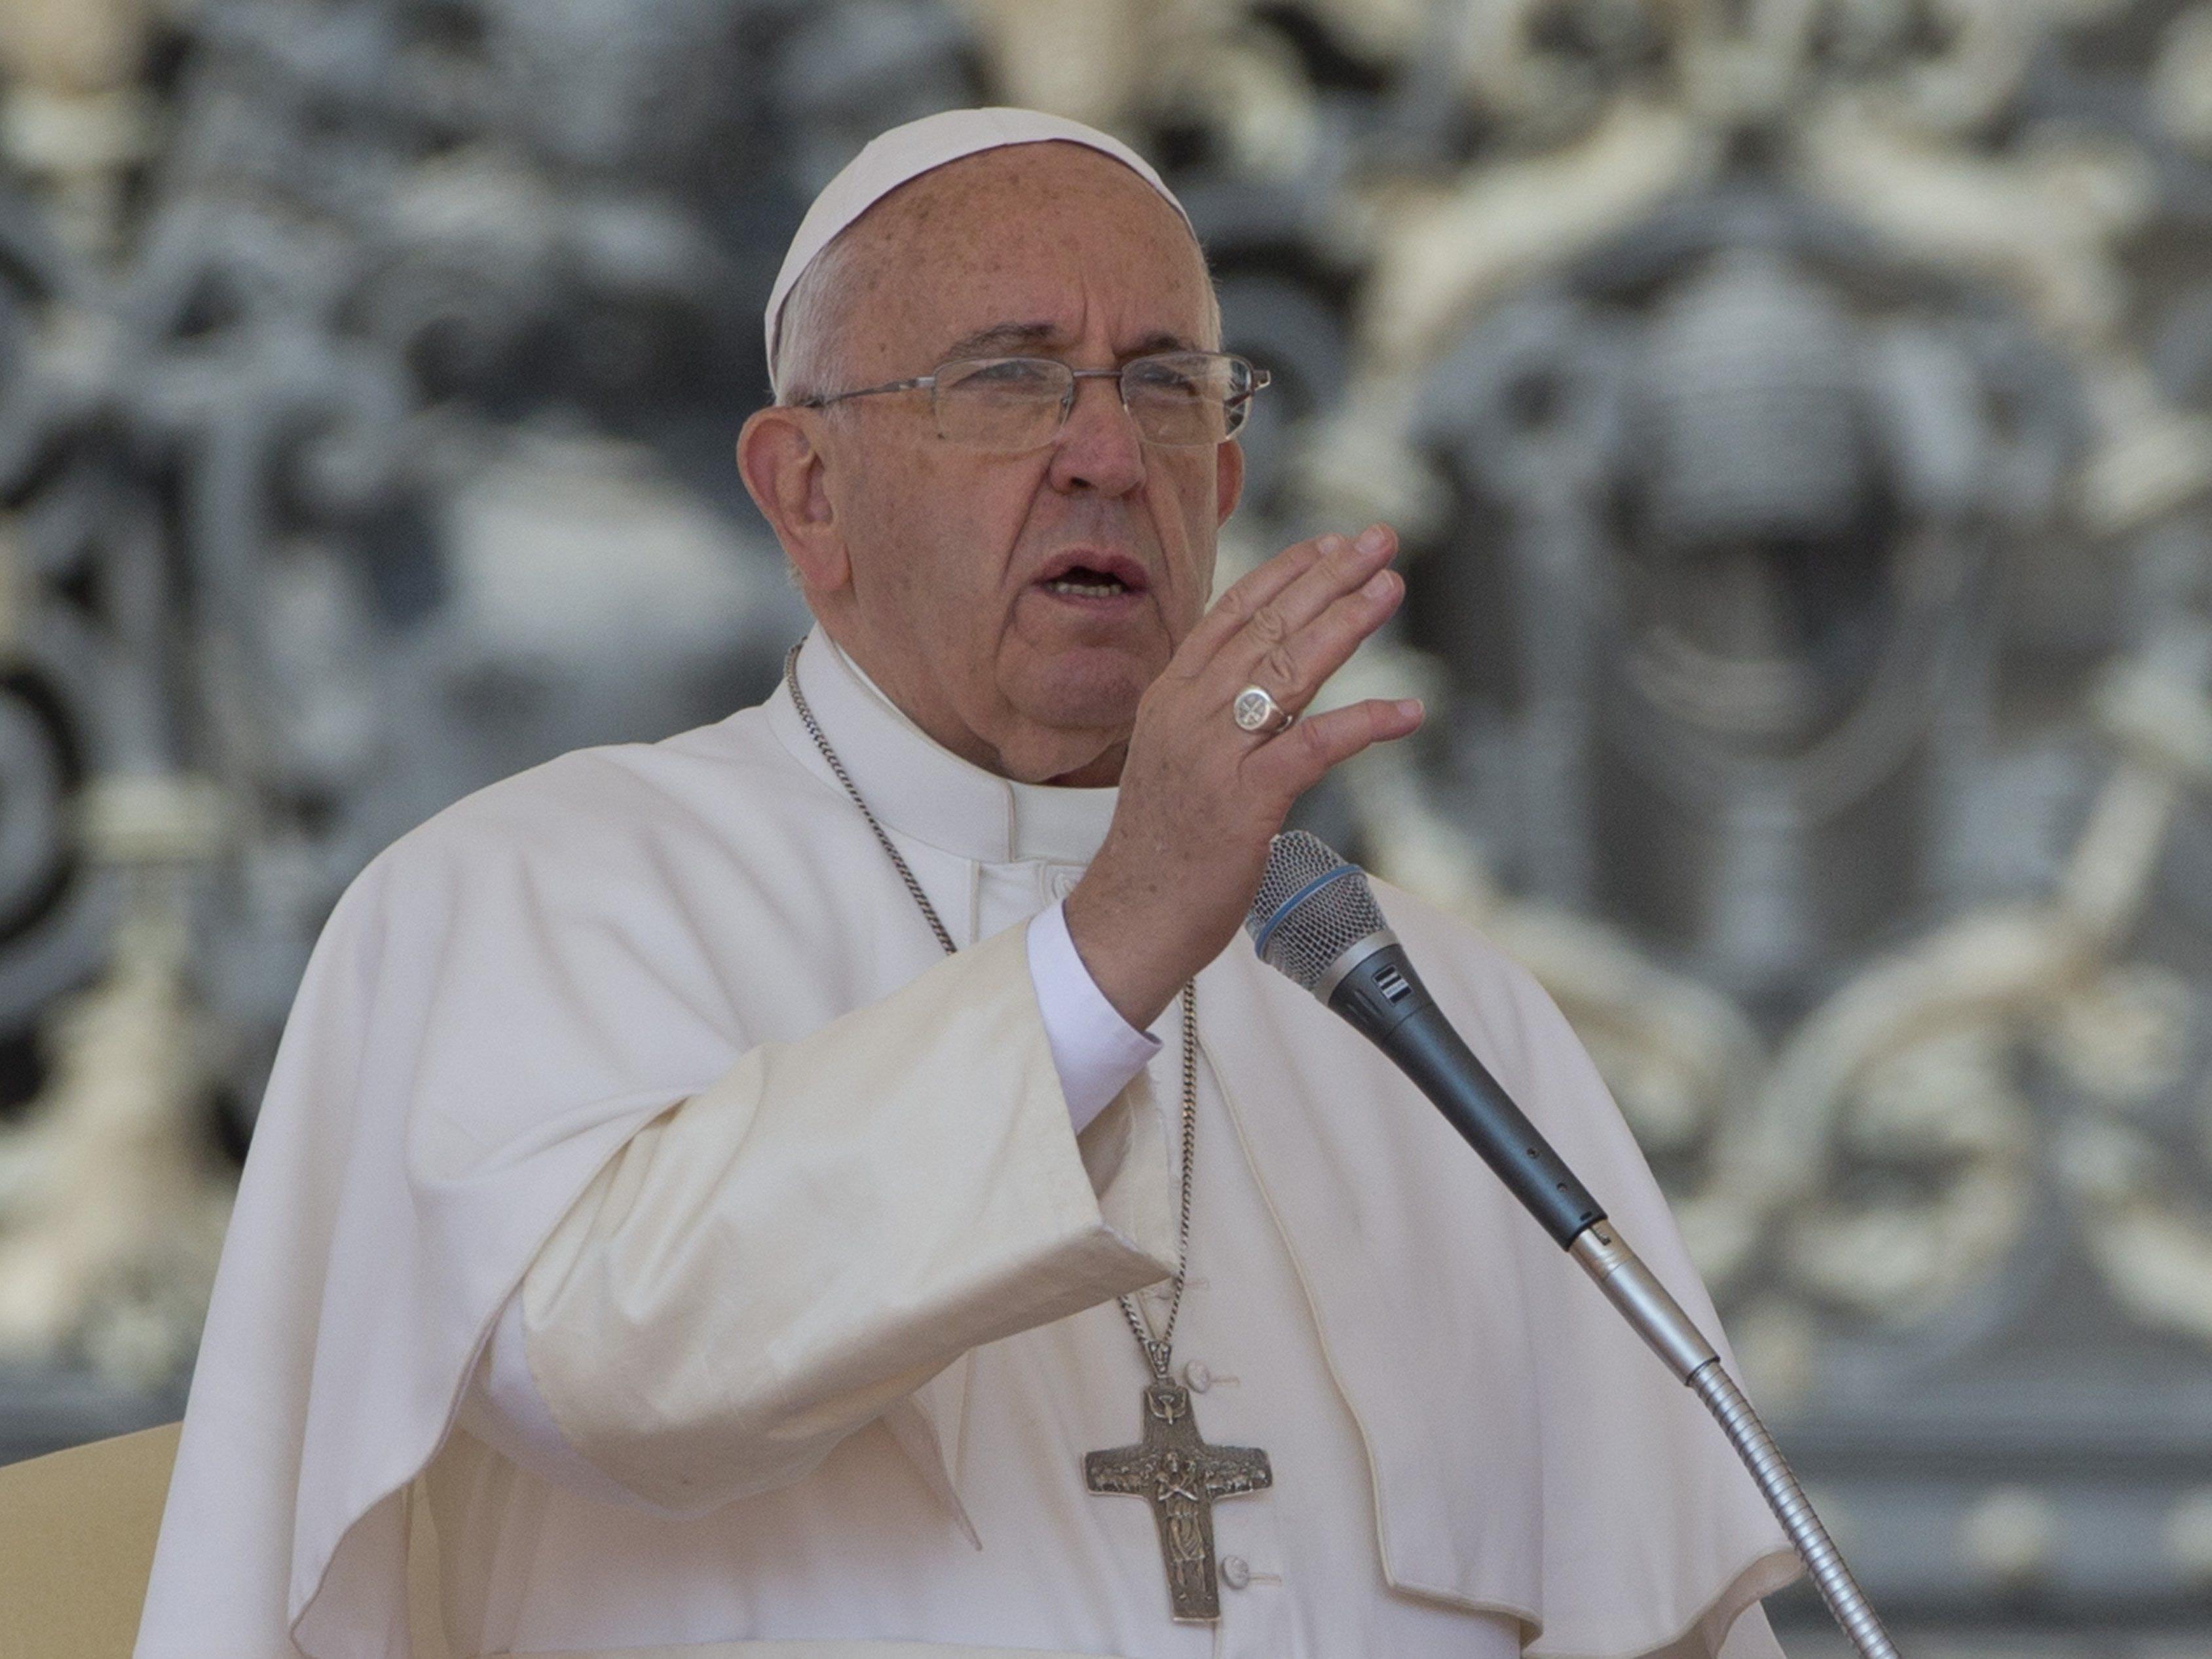 Papst Franziskus nennt das Massaker an den Armeniern den ersten Völkermord des 20. Jahrhunderts